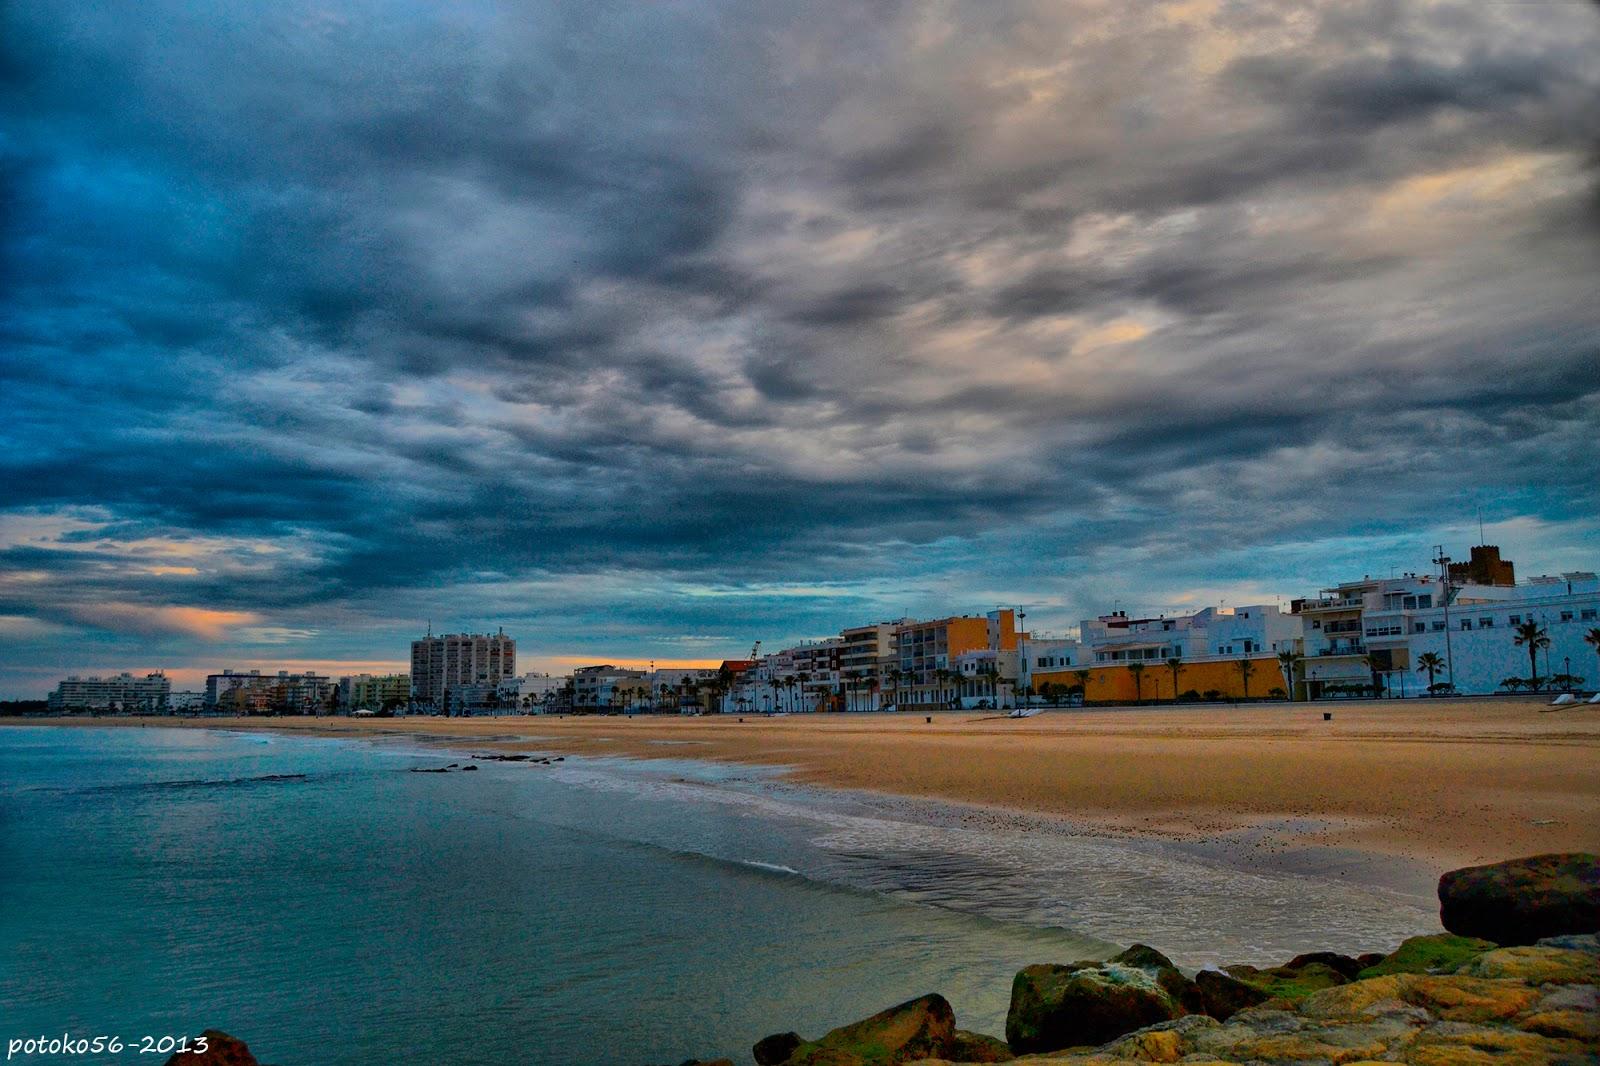 La playa de la Costilla Rota